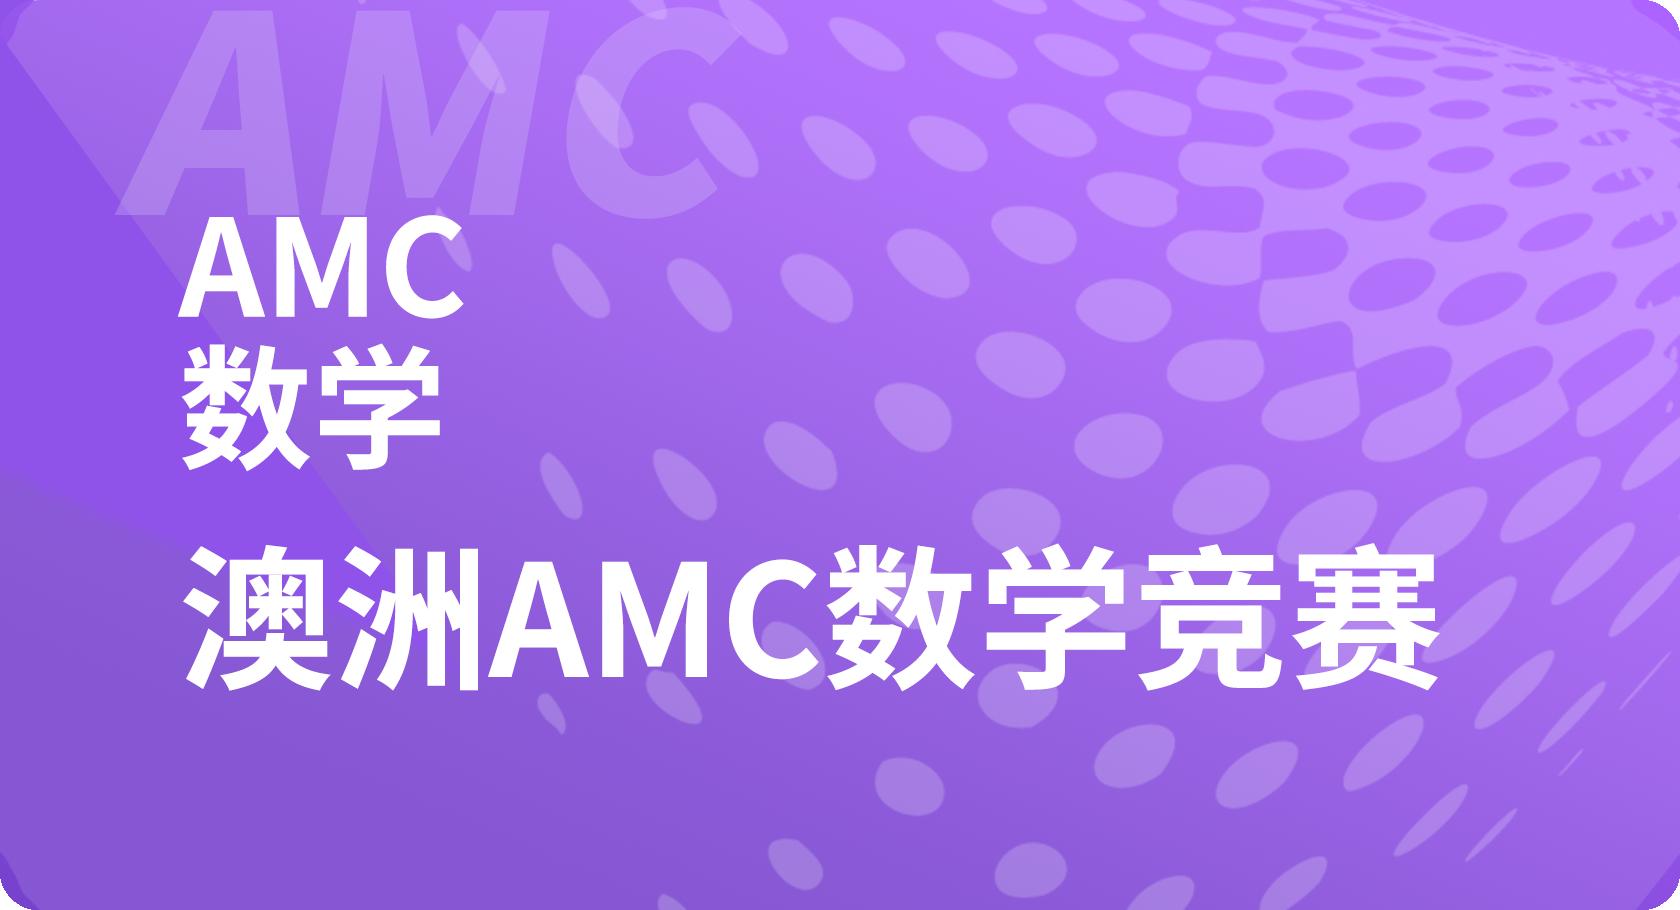 澳洲AMC数学竞赛